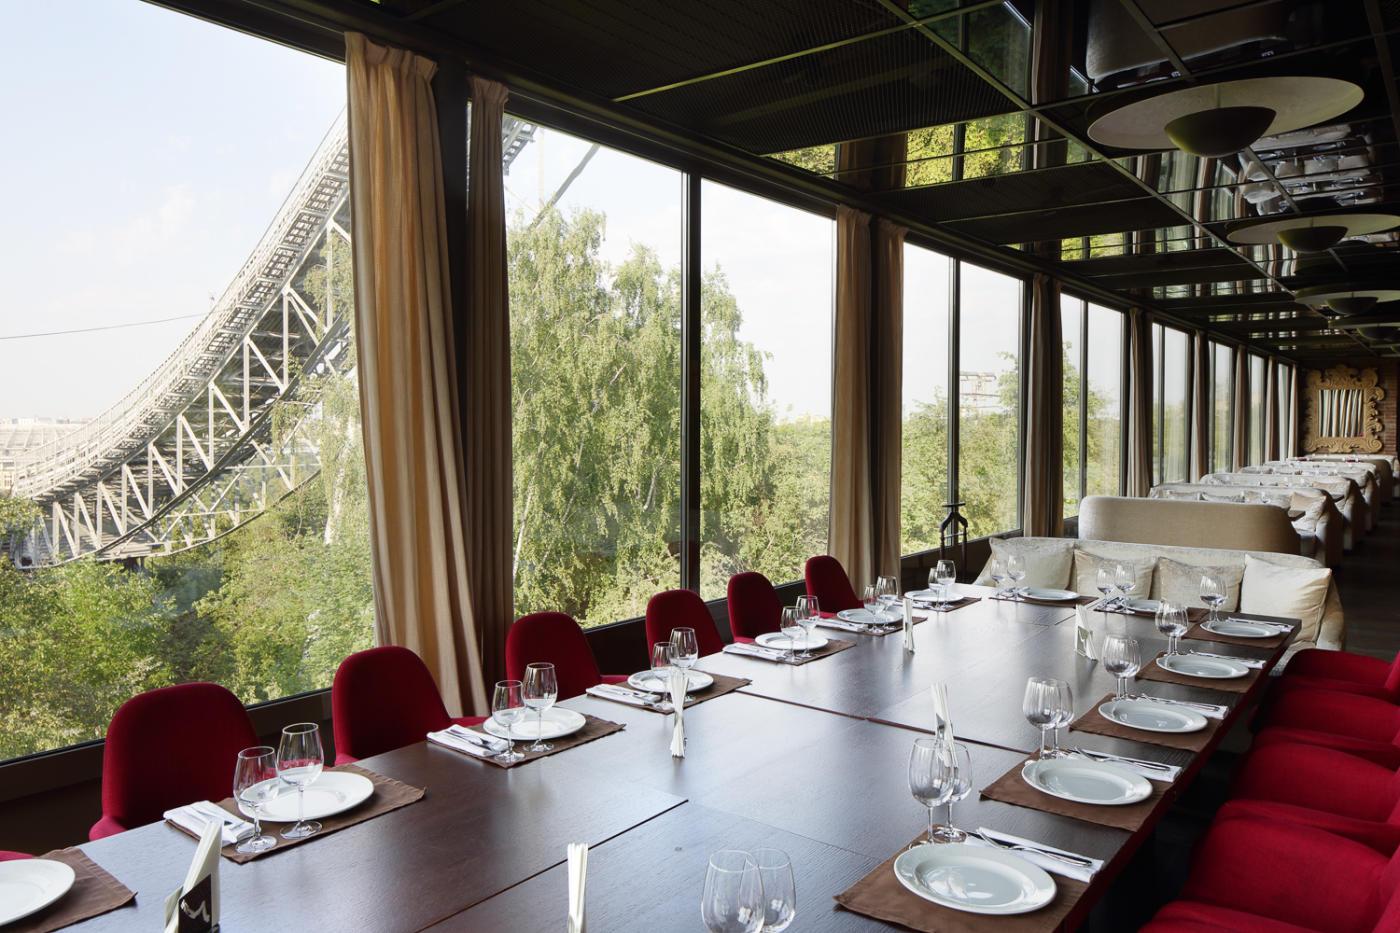 Панорамный Ресторан Трамплин на Воробьевых Горах фото 54